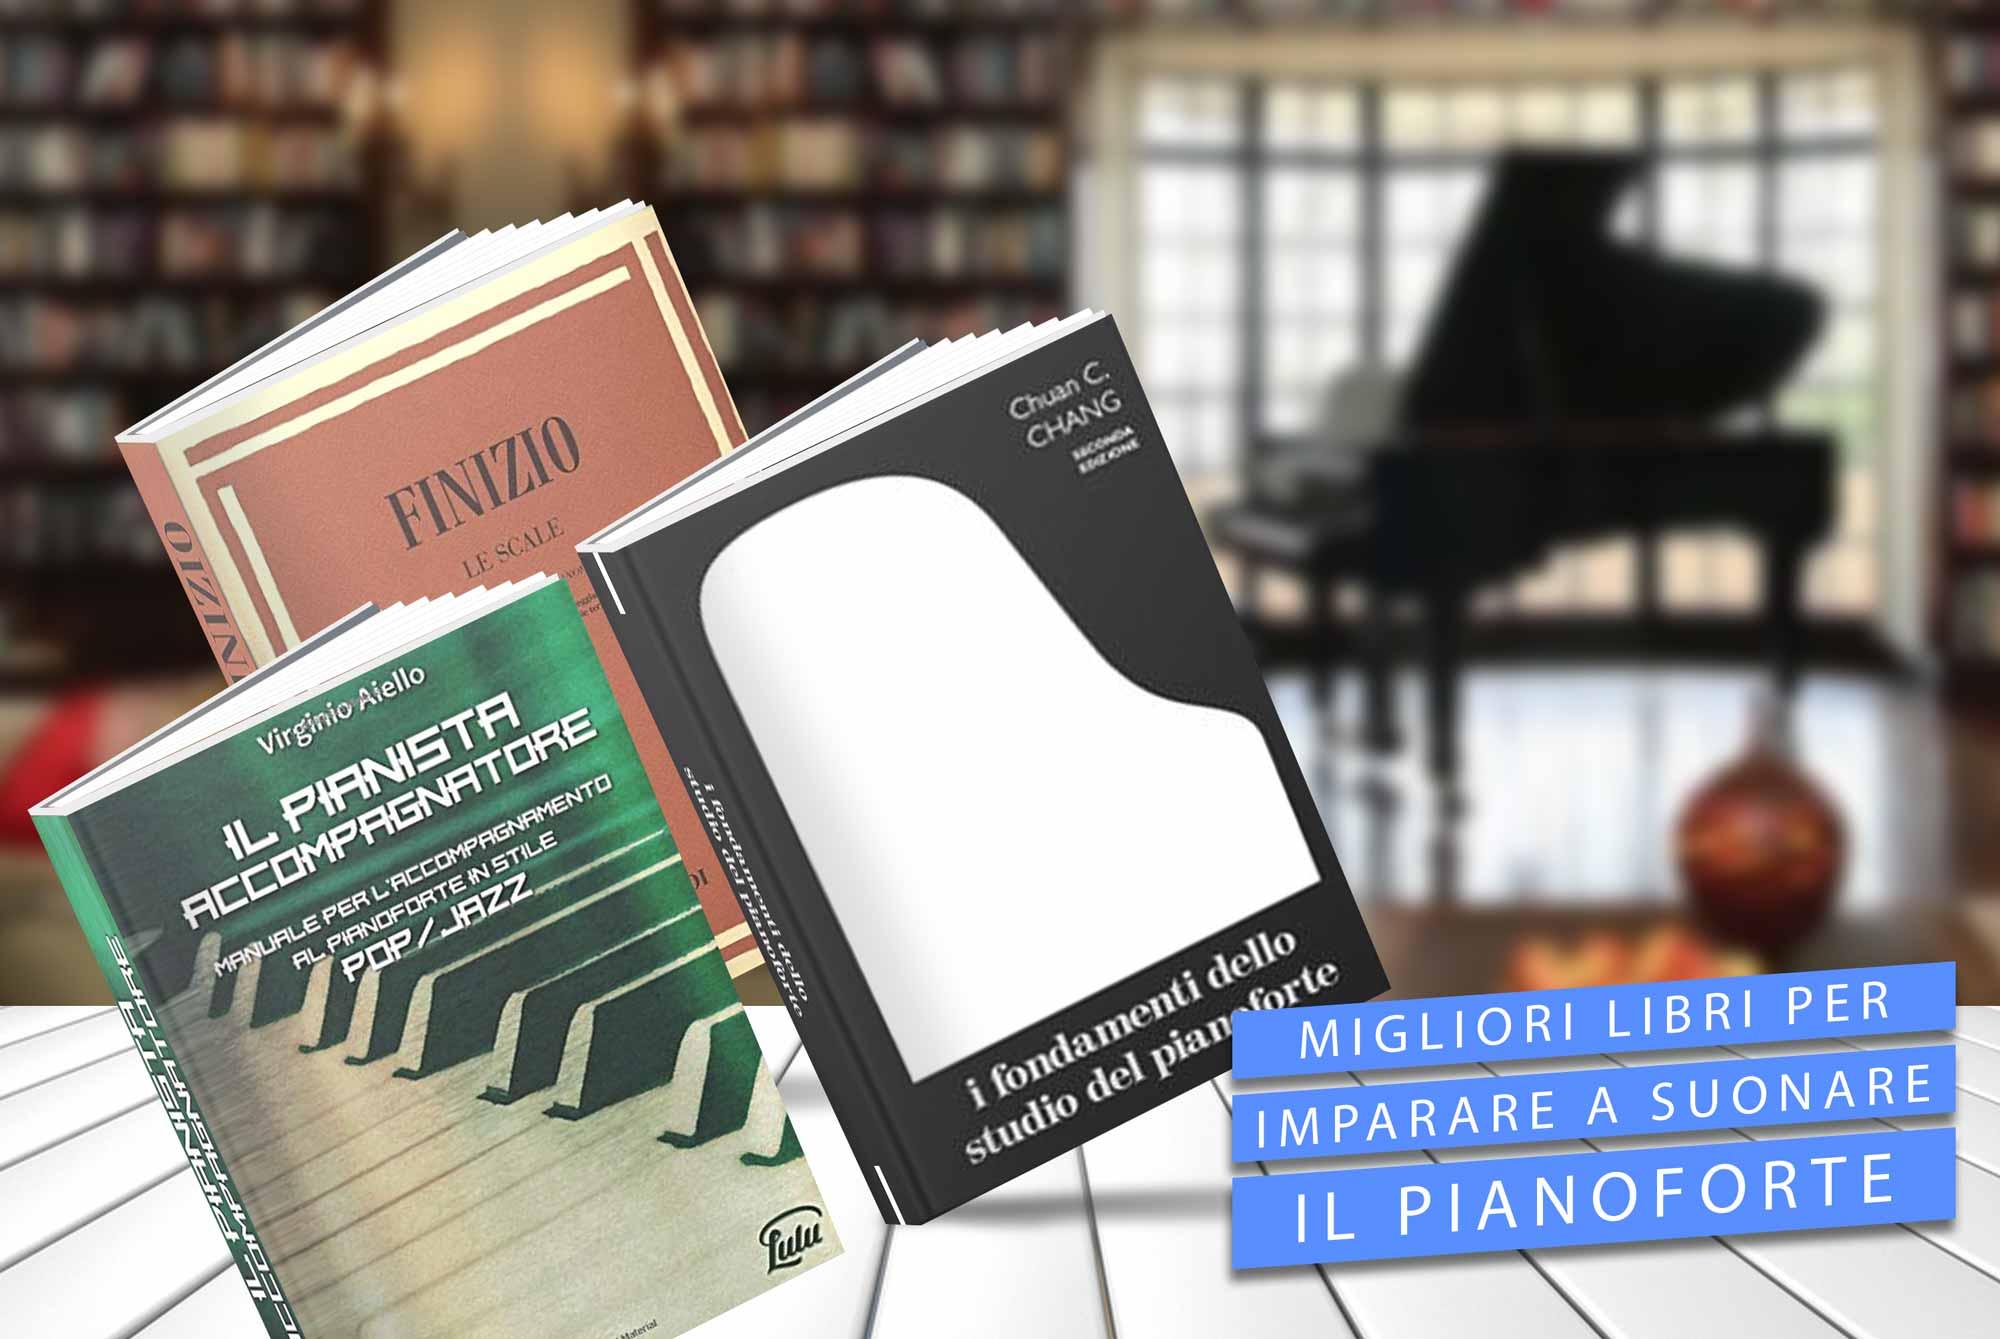 5dbc89e0a05597 Libri per imparare a suonare il pianoforte | Migliore libro studiare  pianoforte